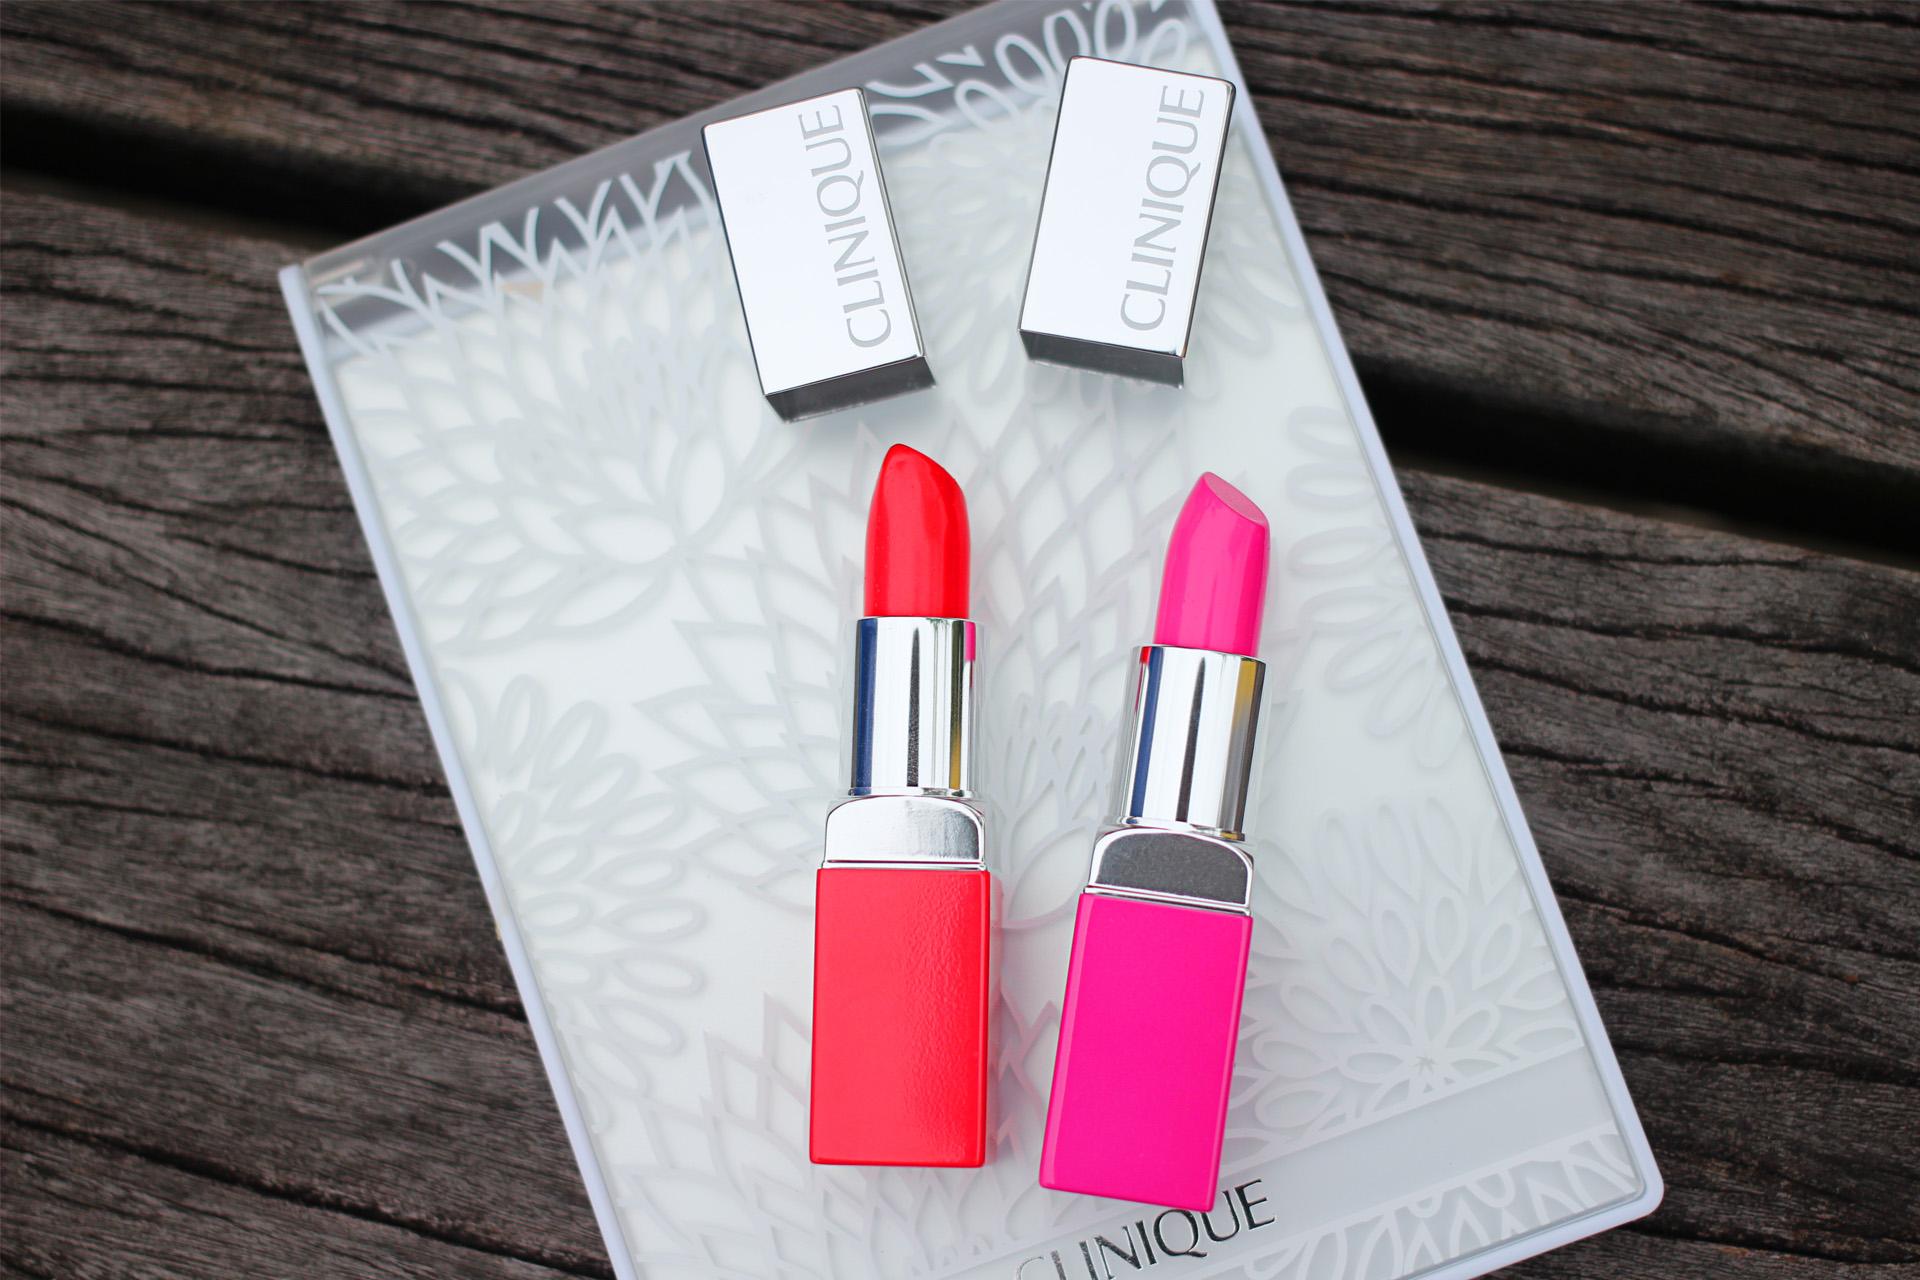 2545 - Clinique Lipstick